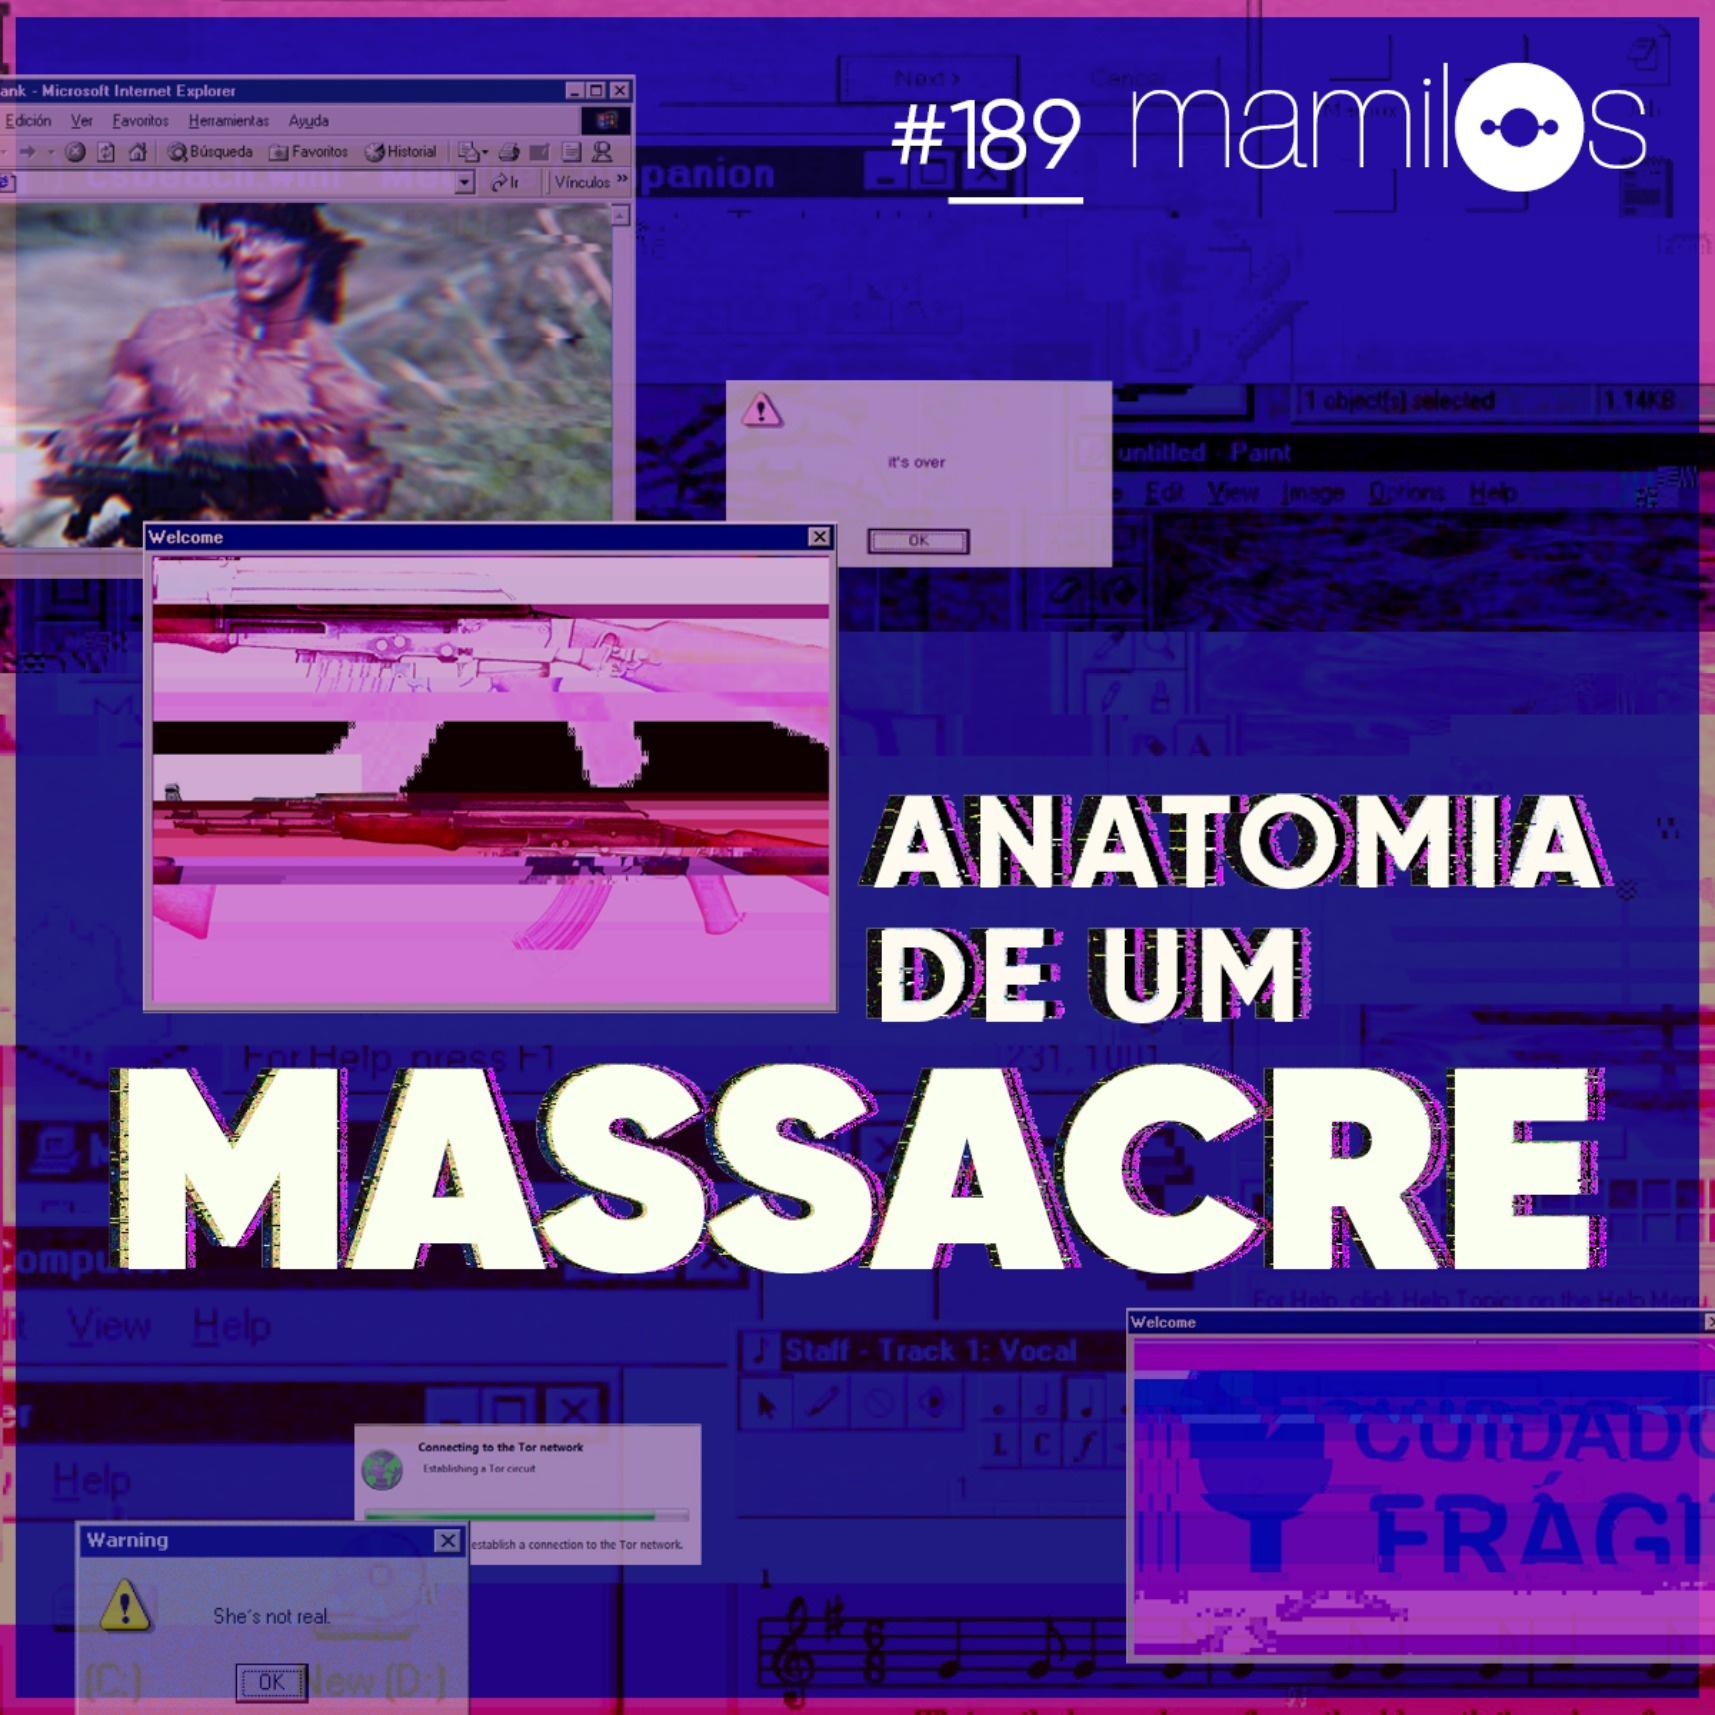 Anatomia de um Massacre